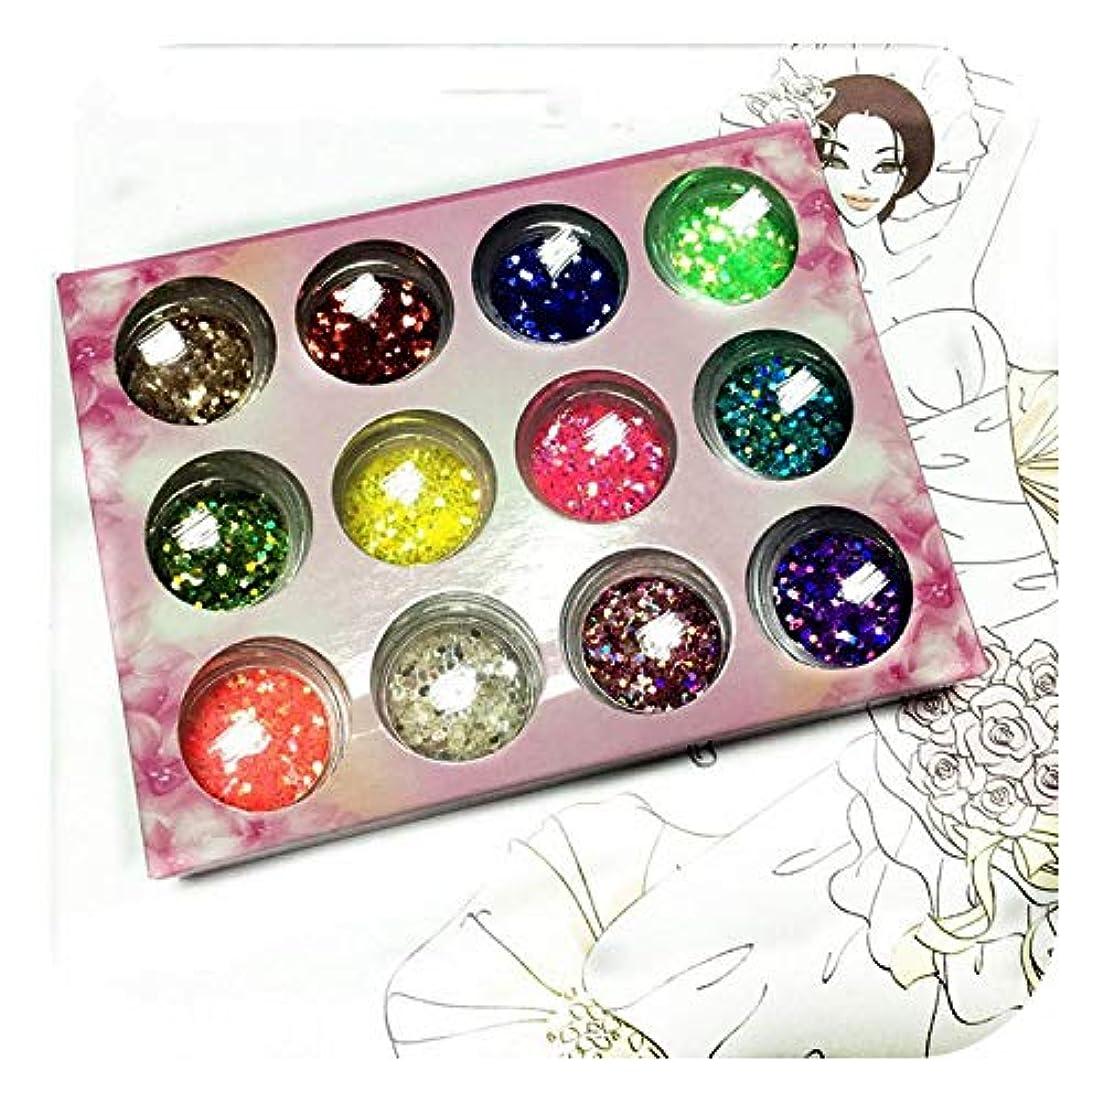 ランダムに12色/セットを混合、ネイルアート用六角グリッターパウダーネイルアートのヒント,12 colors per set